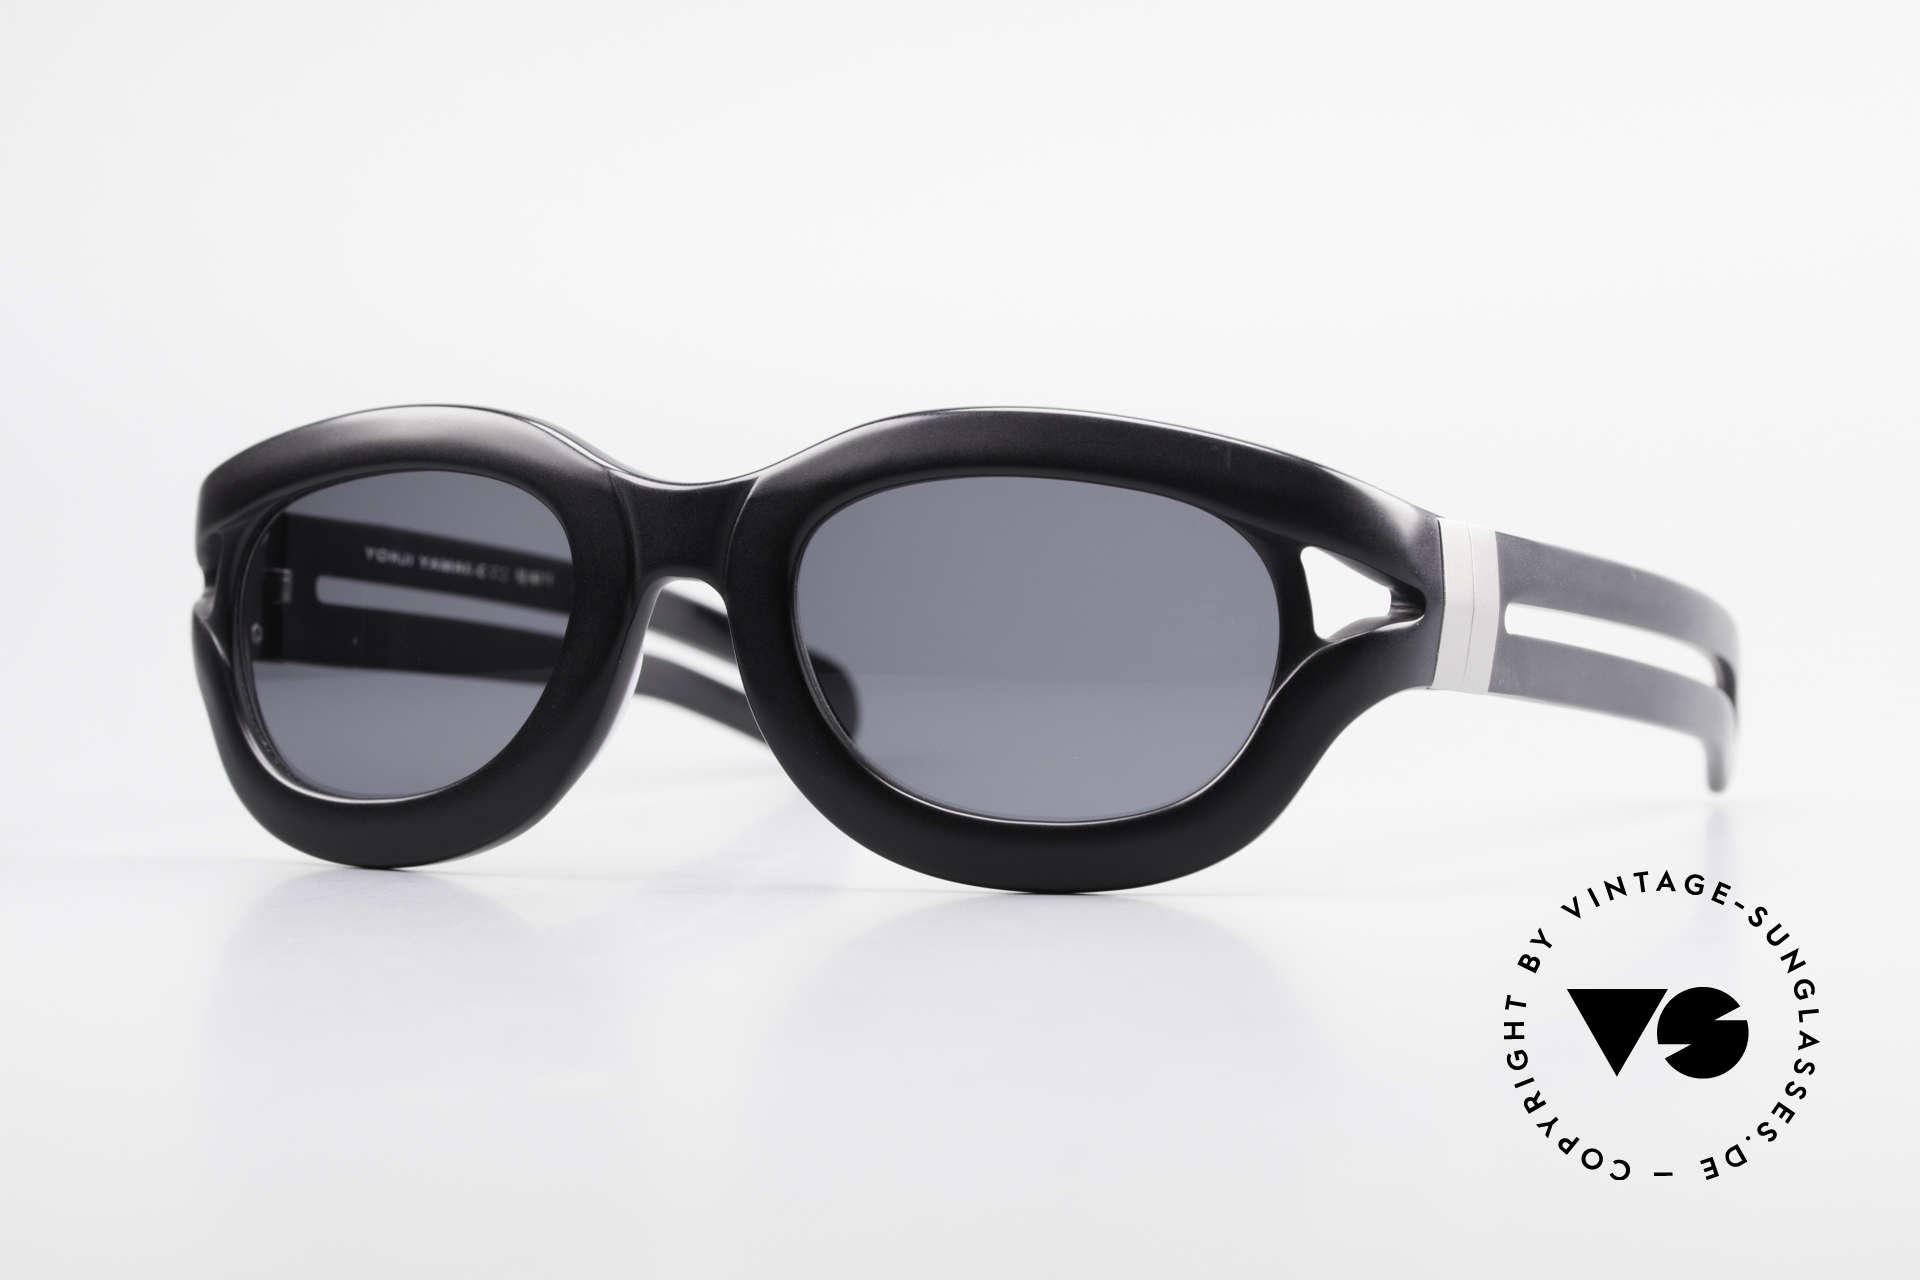 Yohji Yamamoto 52-6001 YY 90er Designer Sonnenbrille, Qualitäts-Designer-Sonnenbrille von Yohji Yamamoto, Passend für Herren und Damen